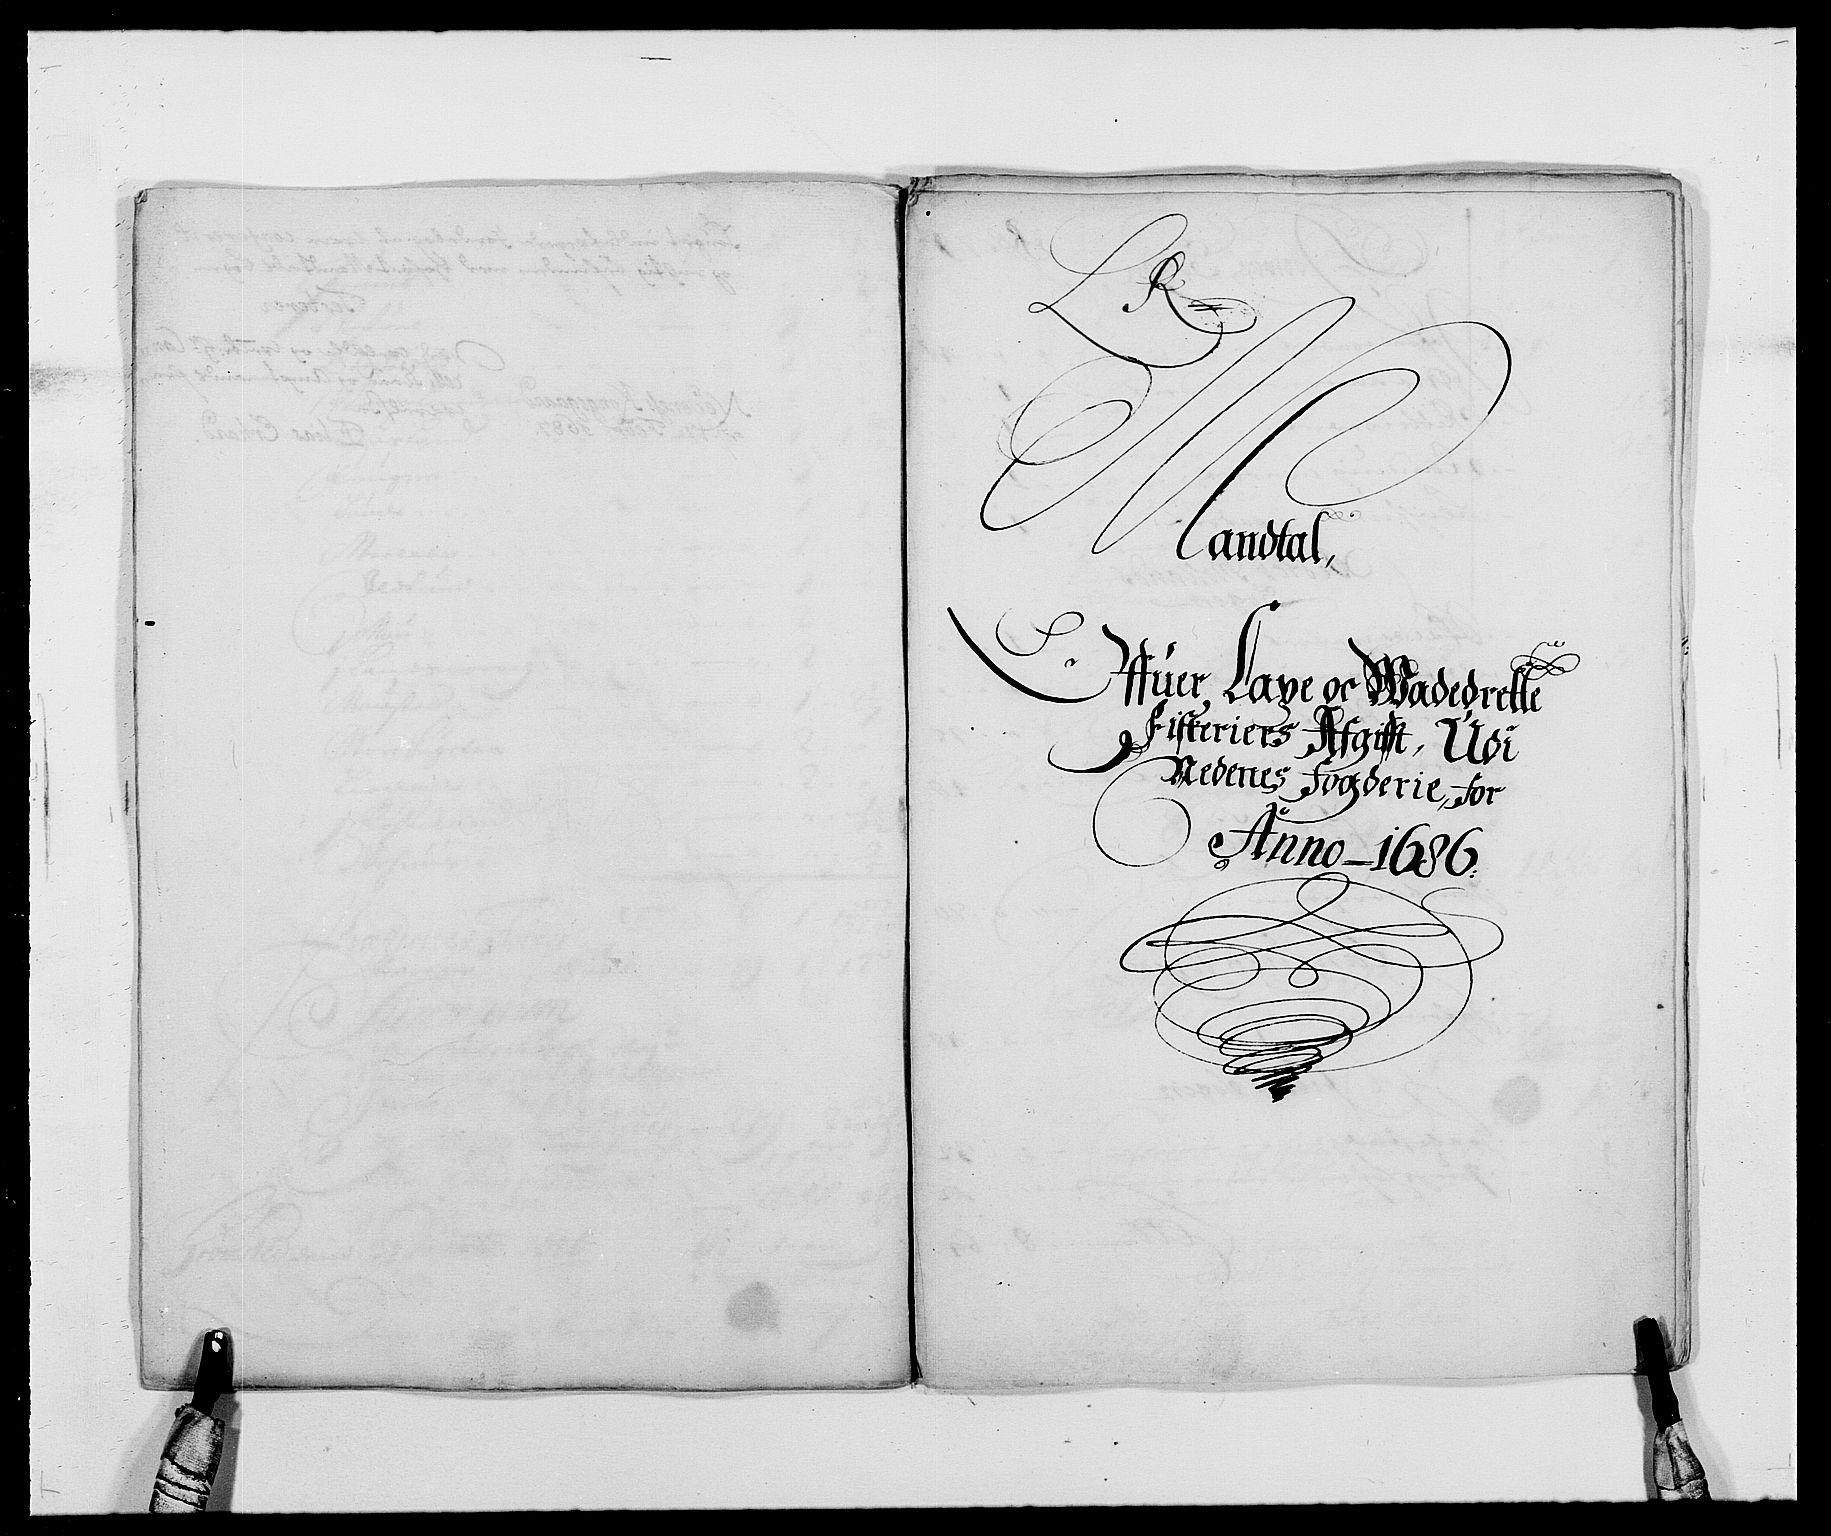 RA, Rentekammeret inntil 1814, Reviderte regnskaper, Fogderegnskap, R39/L2308: Fogderegnskap Nedenes, 1684-1689, s. 339